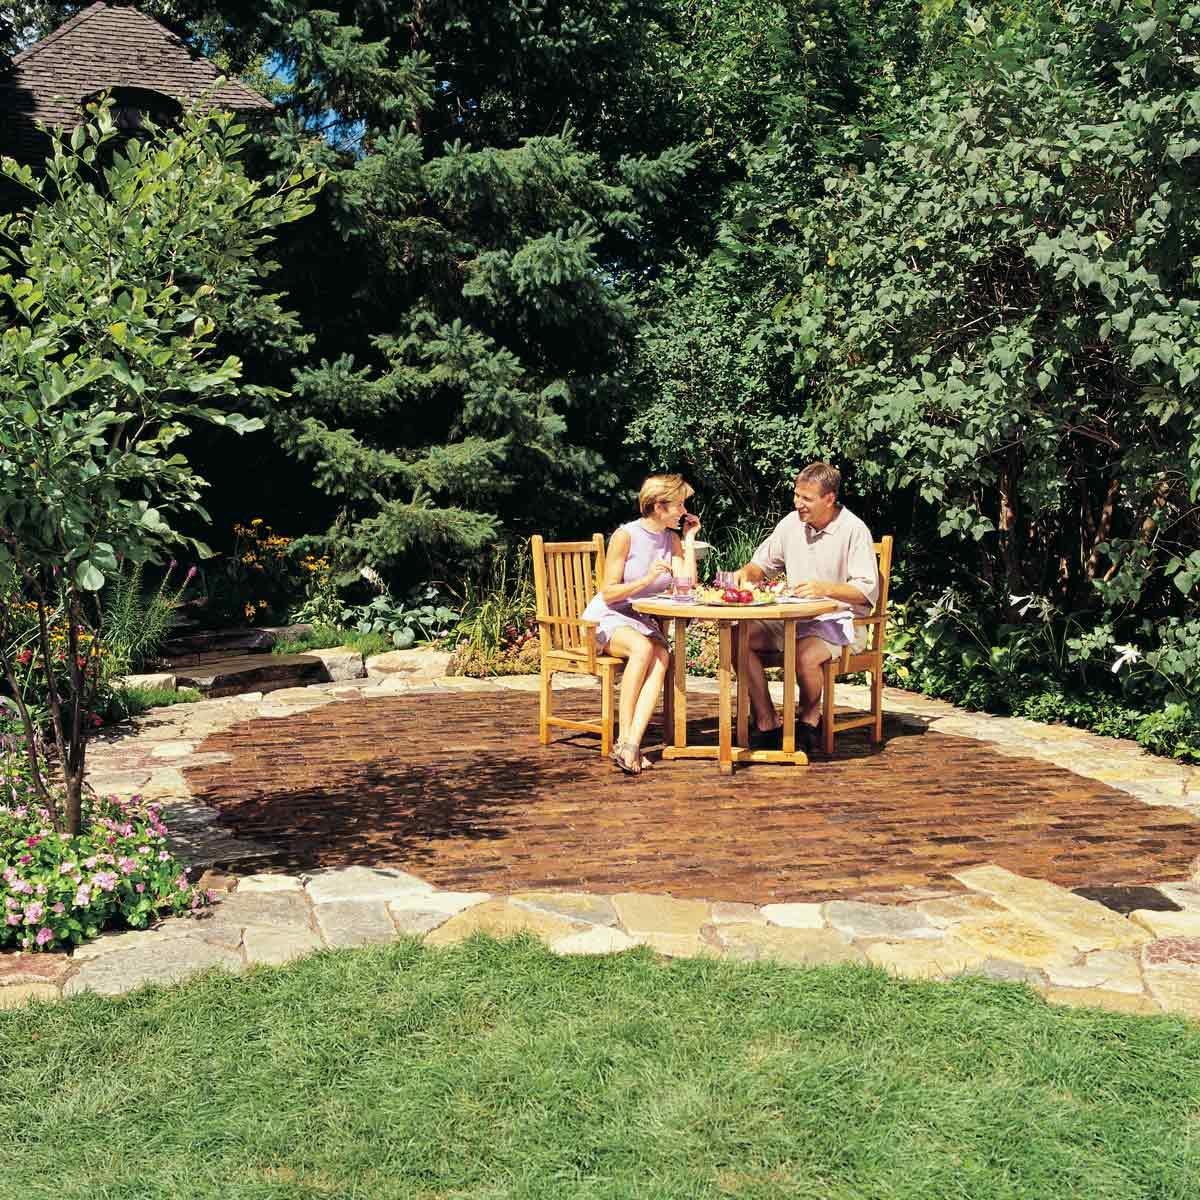 Eco friendly Rock Patio design ideas